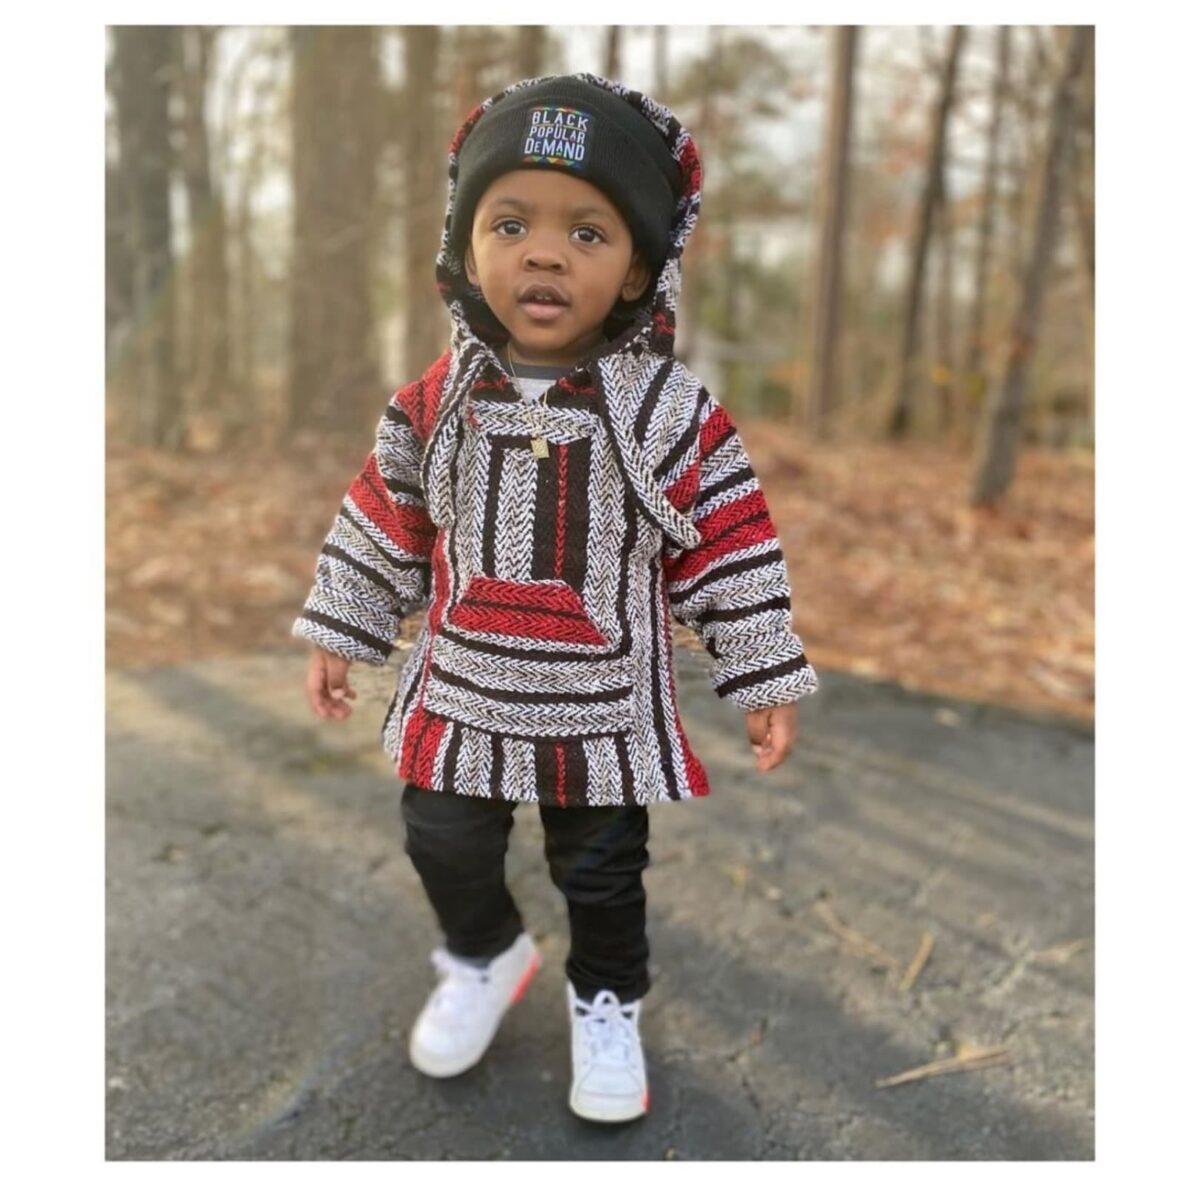 Black By Popular Demand® Black Children's Unisex Beanie HGC Apparel